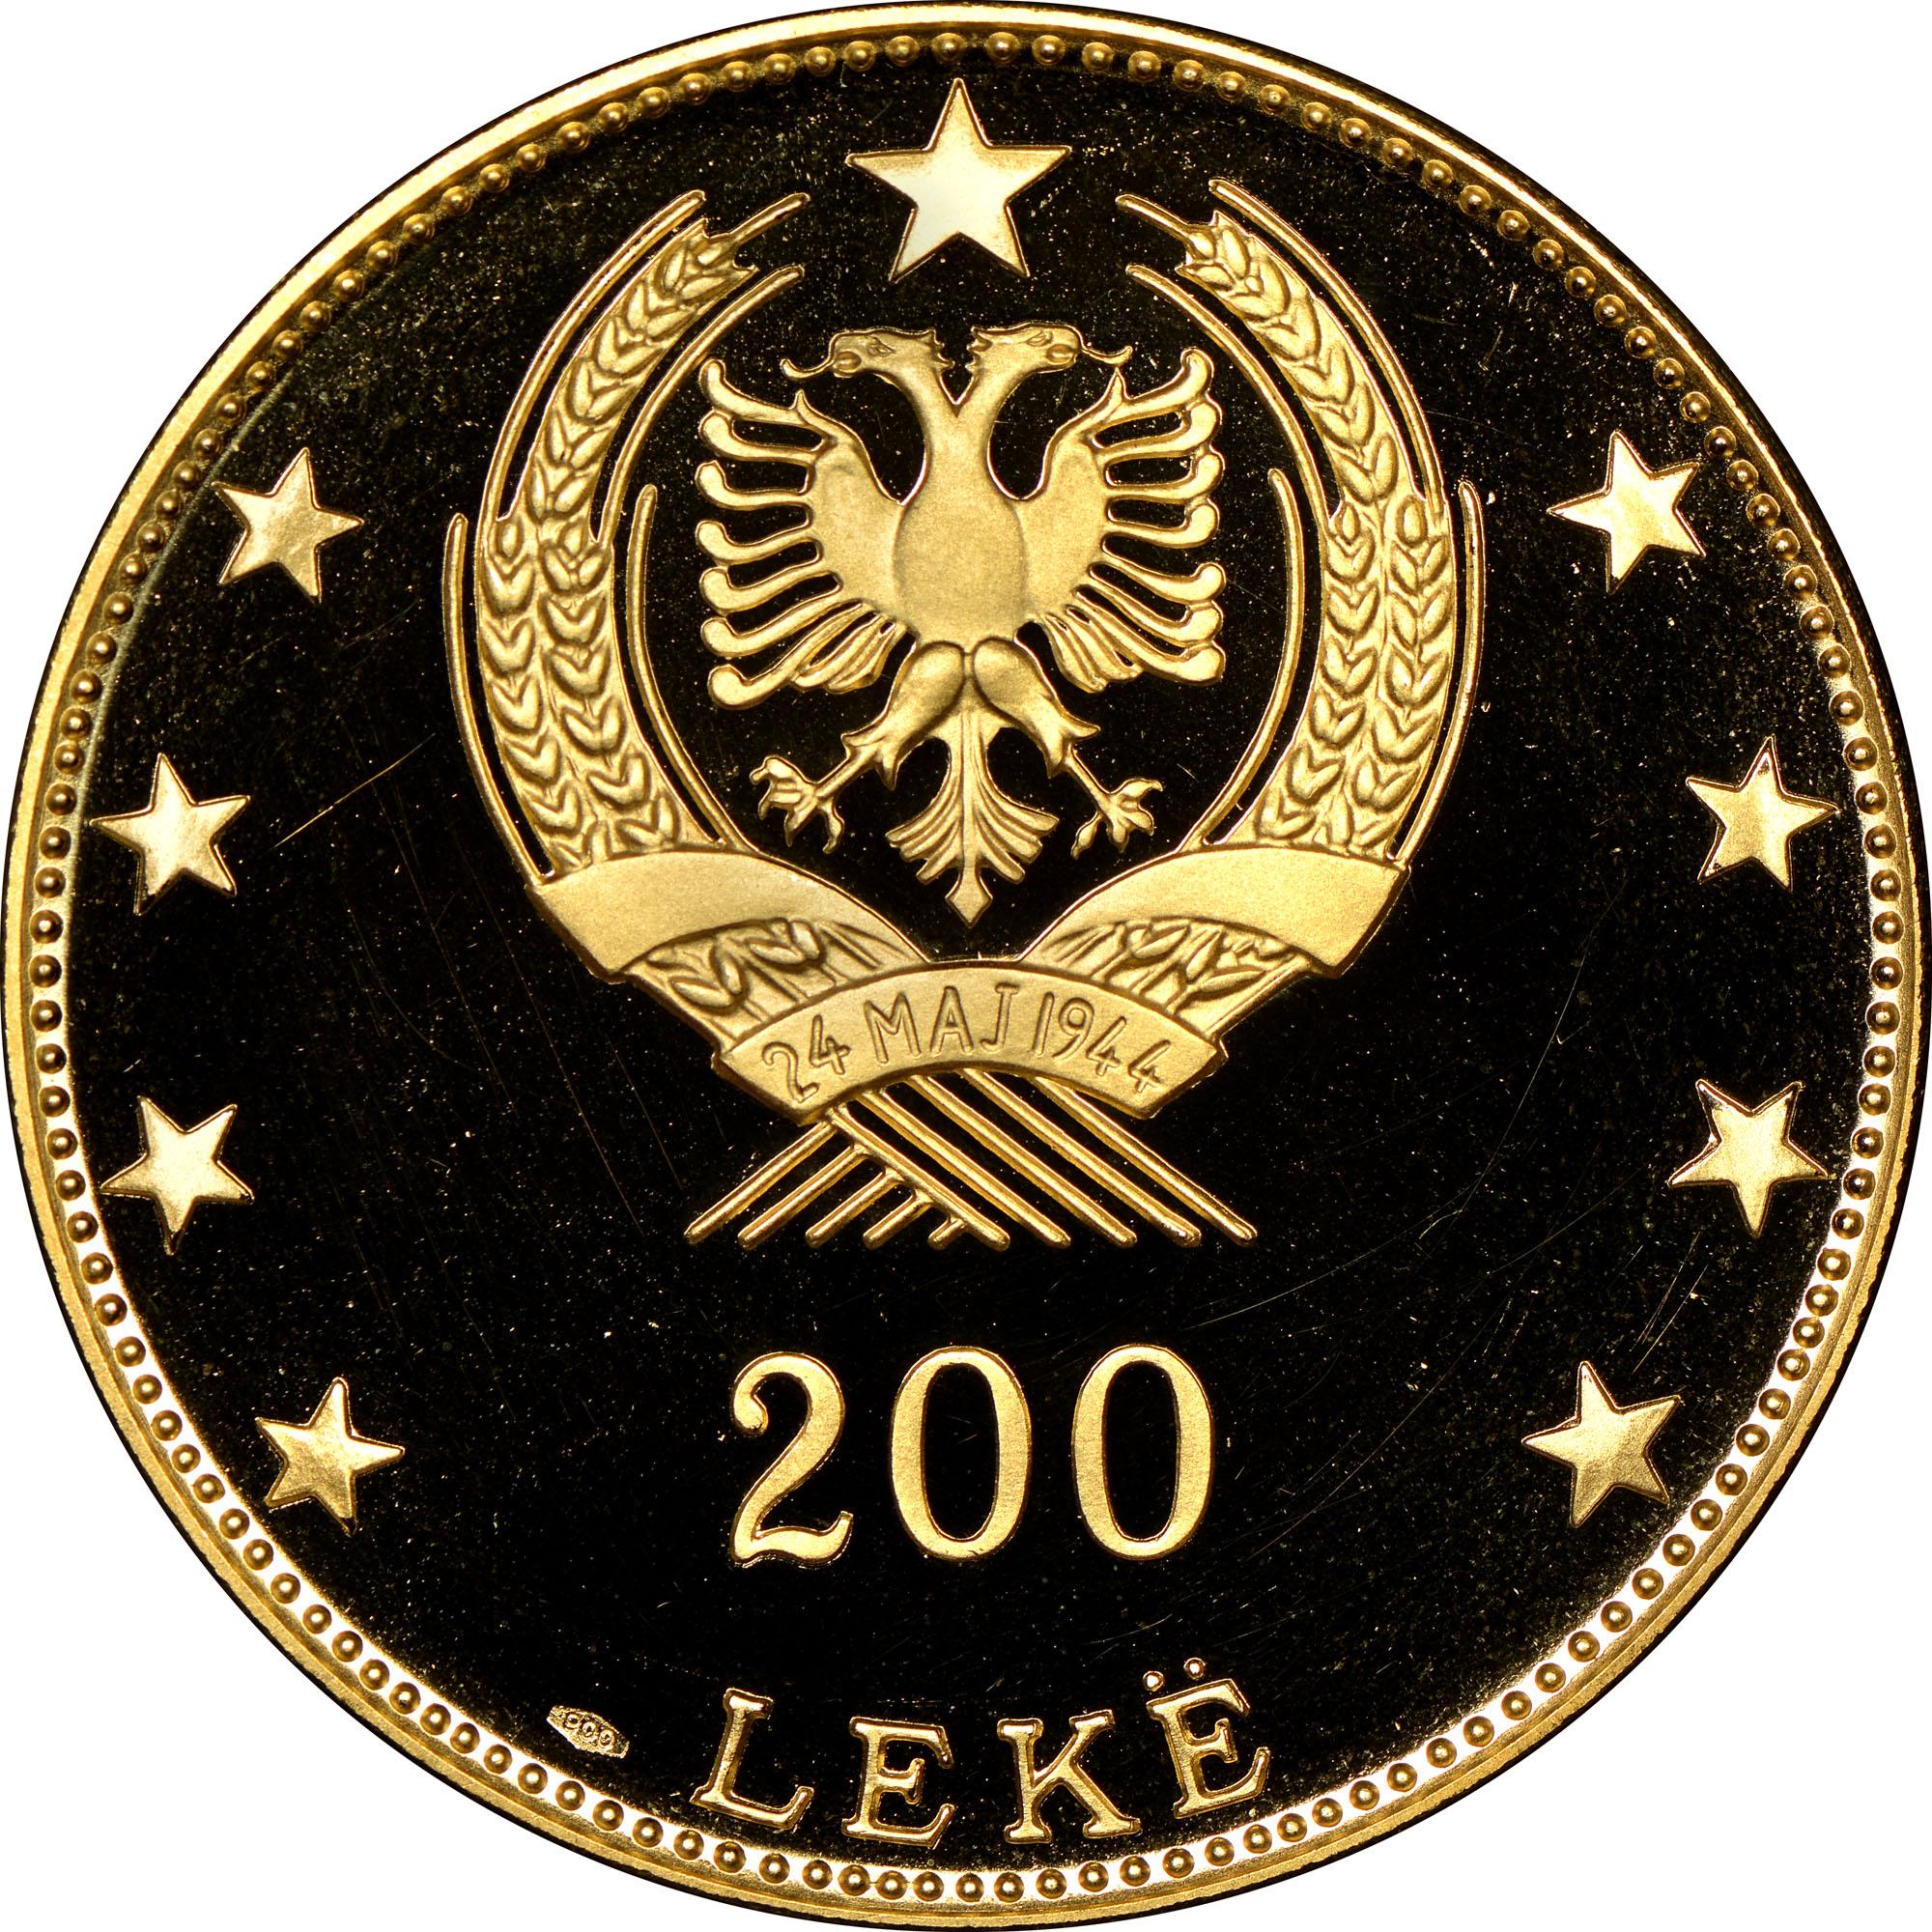 1968 Albania 200 Leke reverse